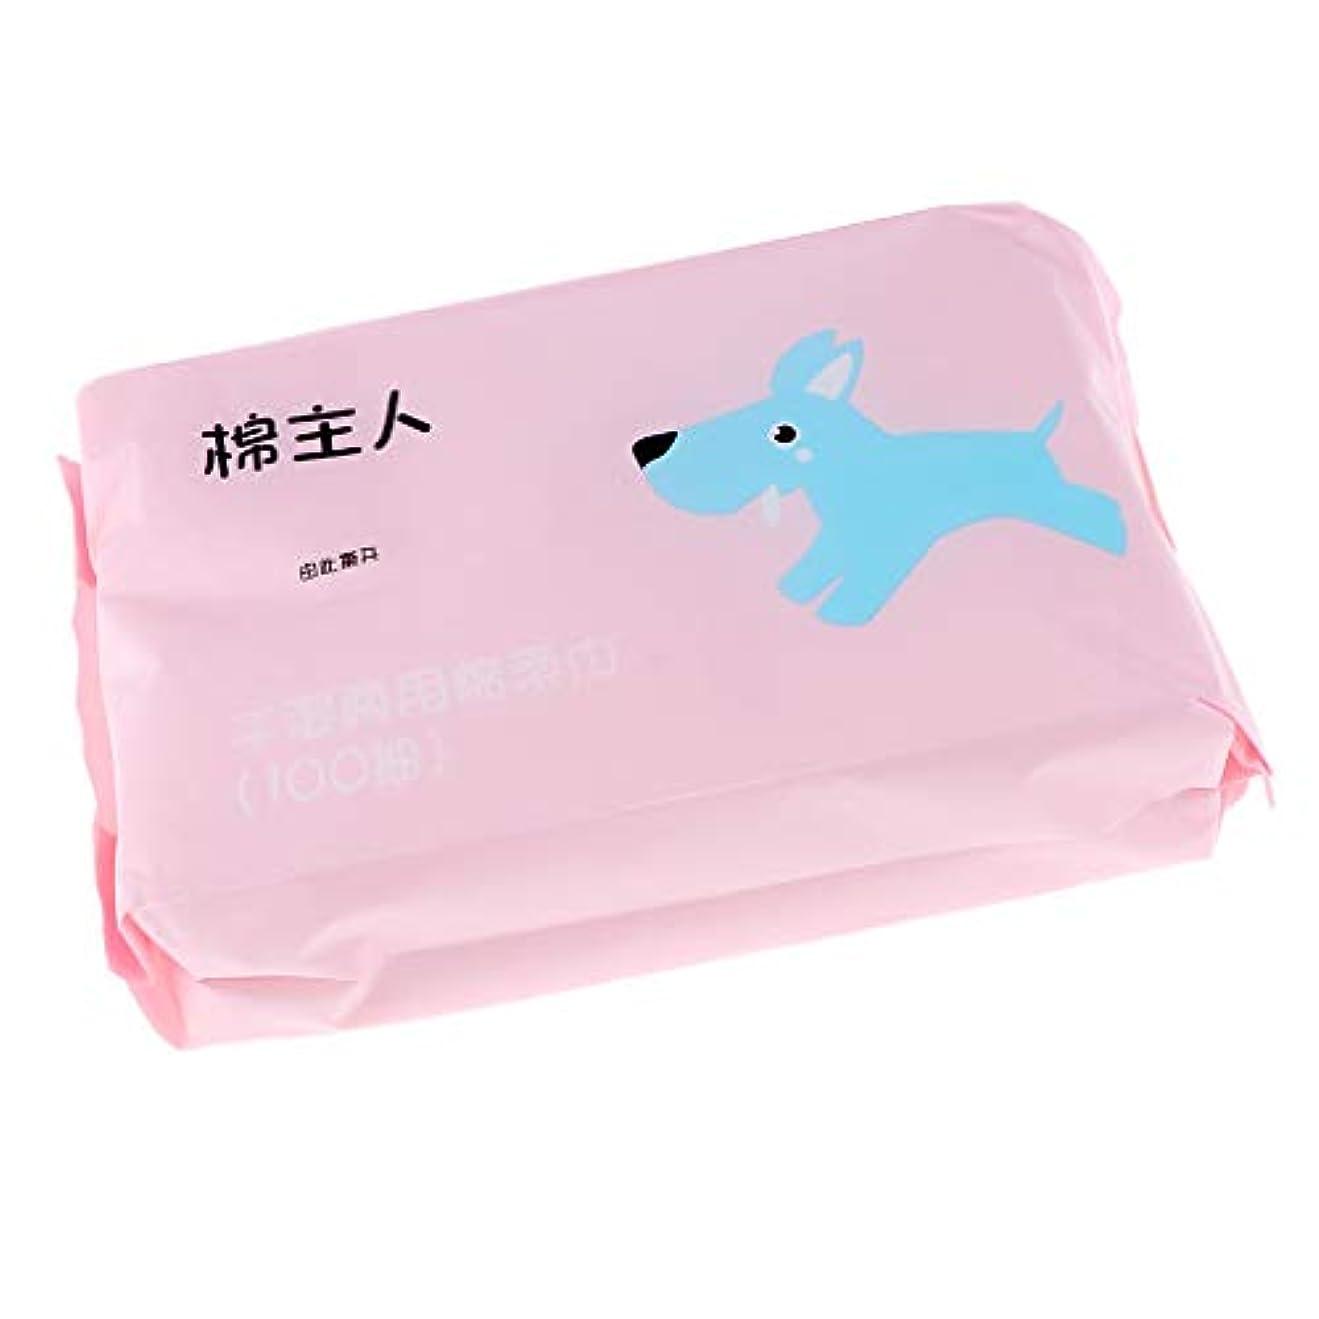 独裁第九カニ約100枚 使い捨 クレンジングシート クリーニング フェイス タオル ソフト 敏感肌適用 全2色 - ピンク